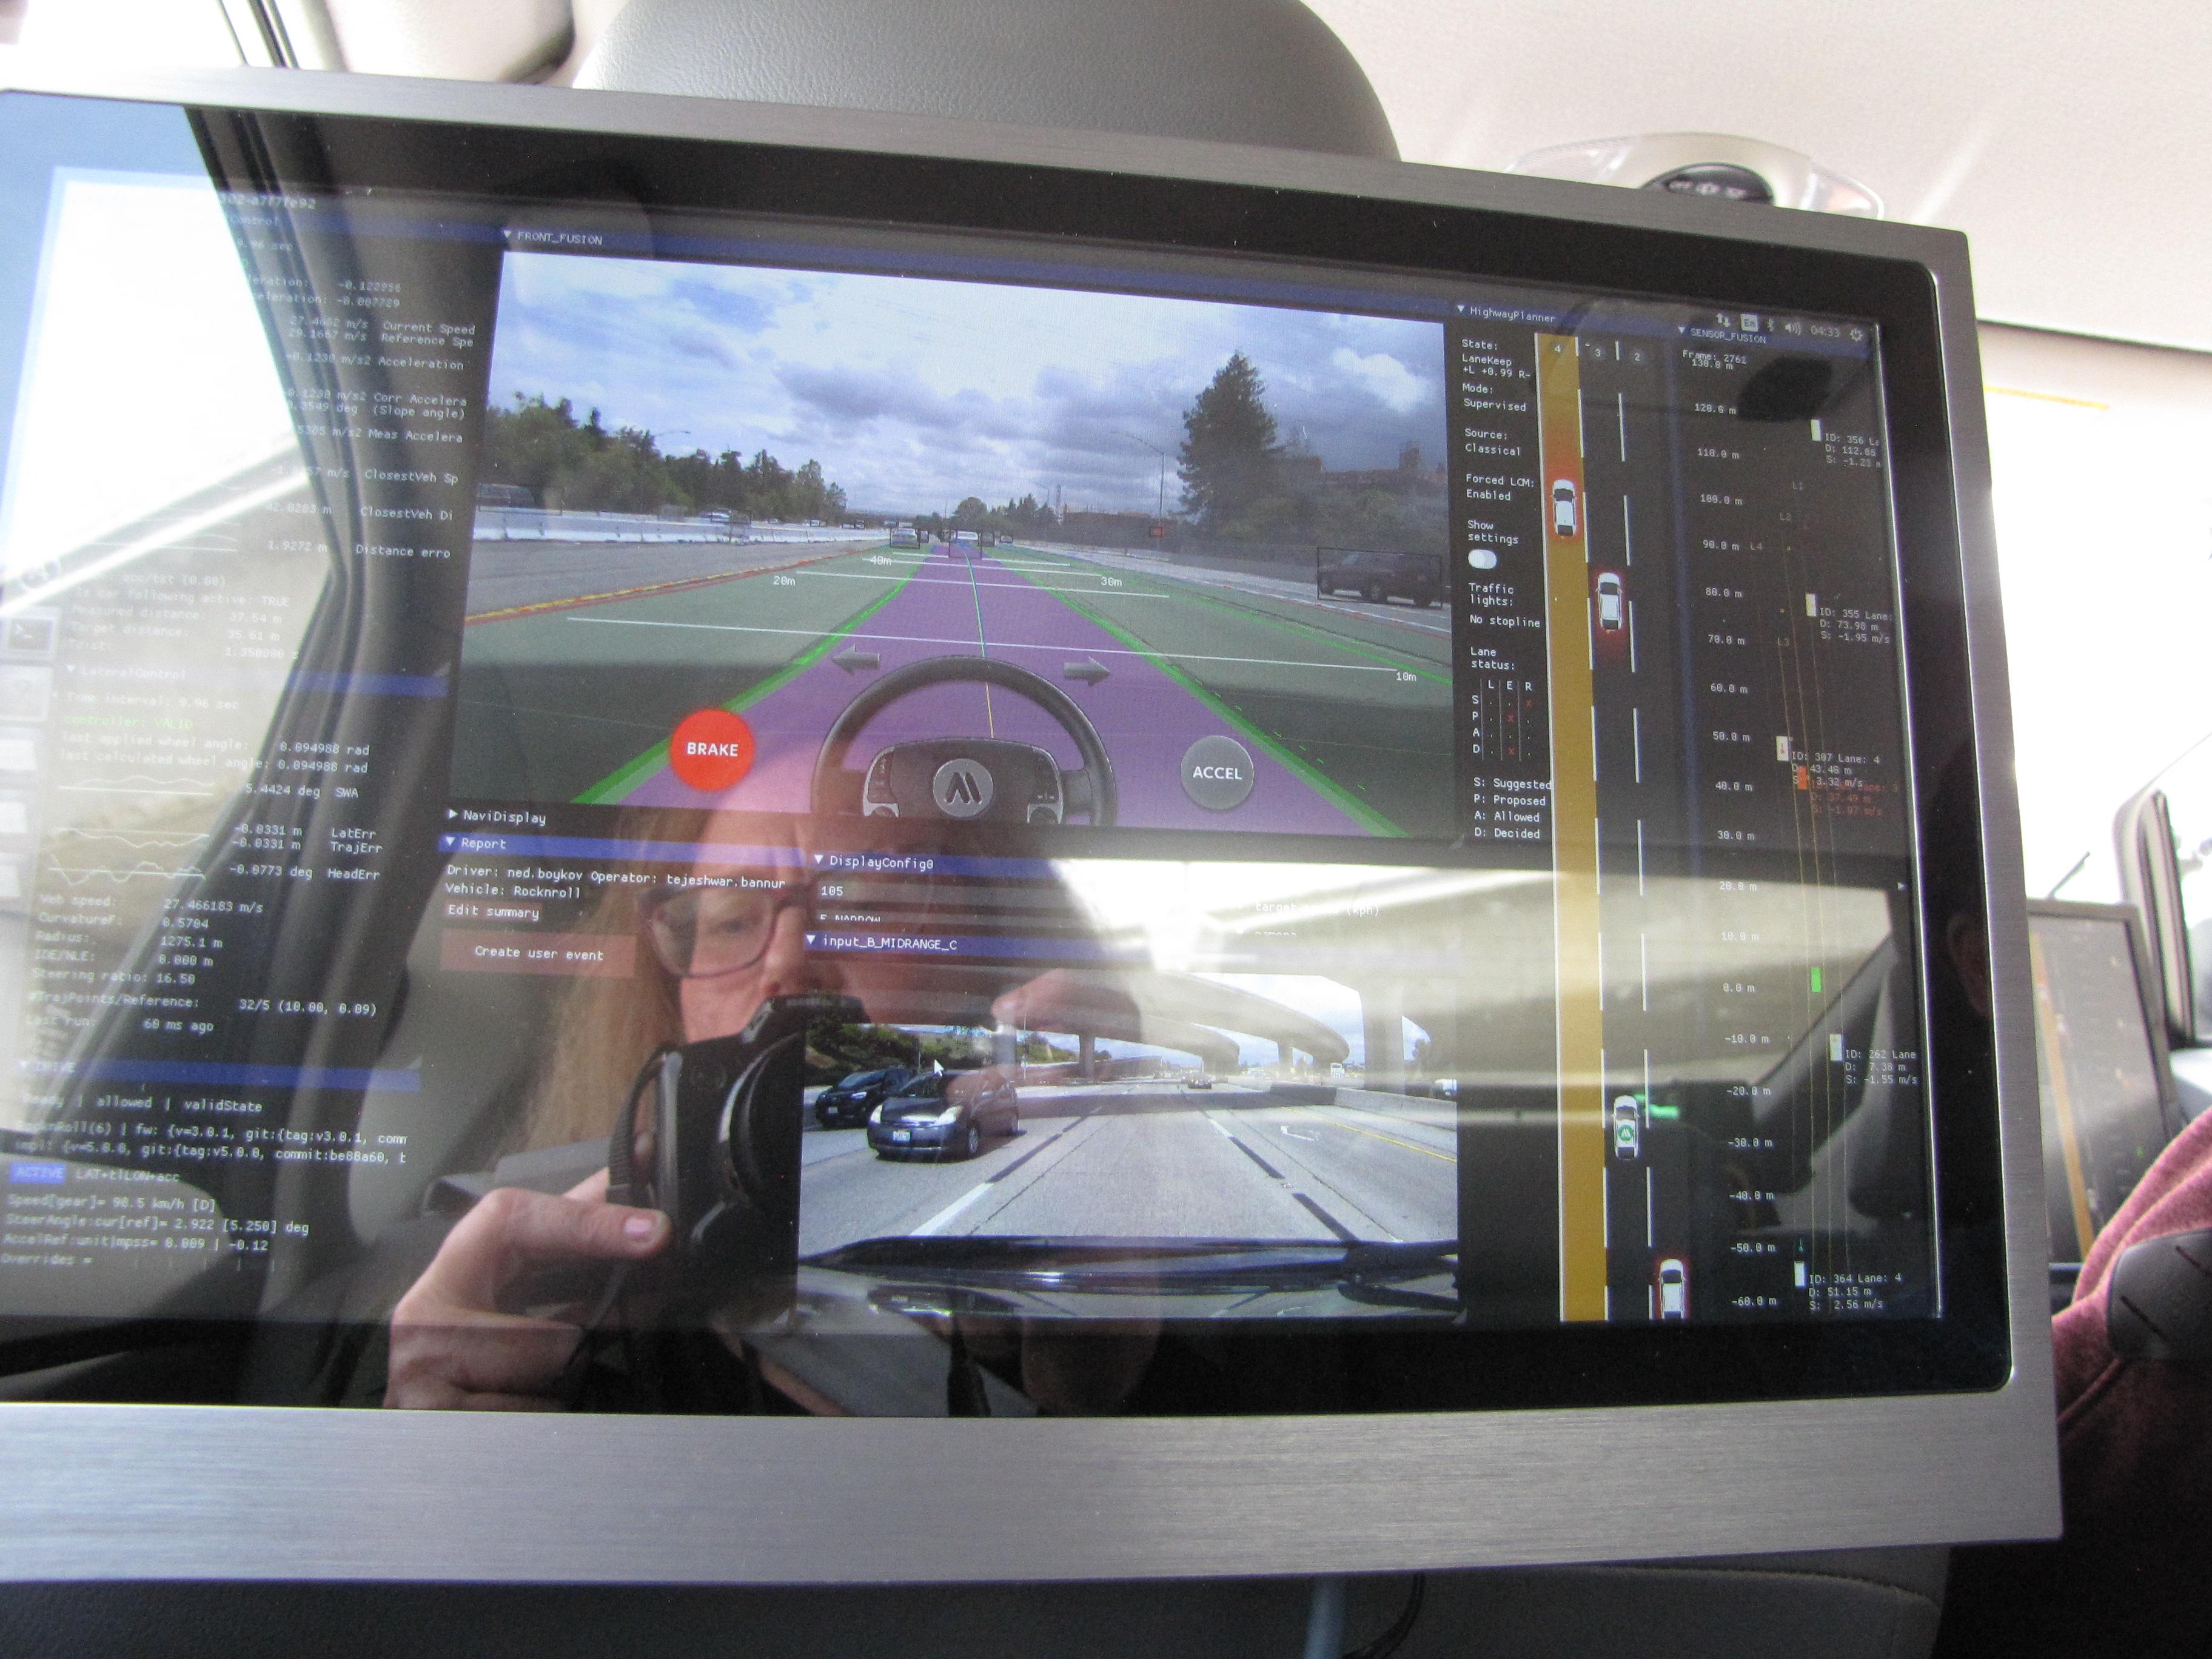 aiMotive self-driving car, Semiengineering.com